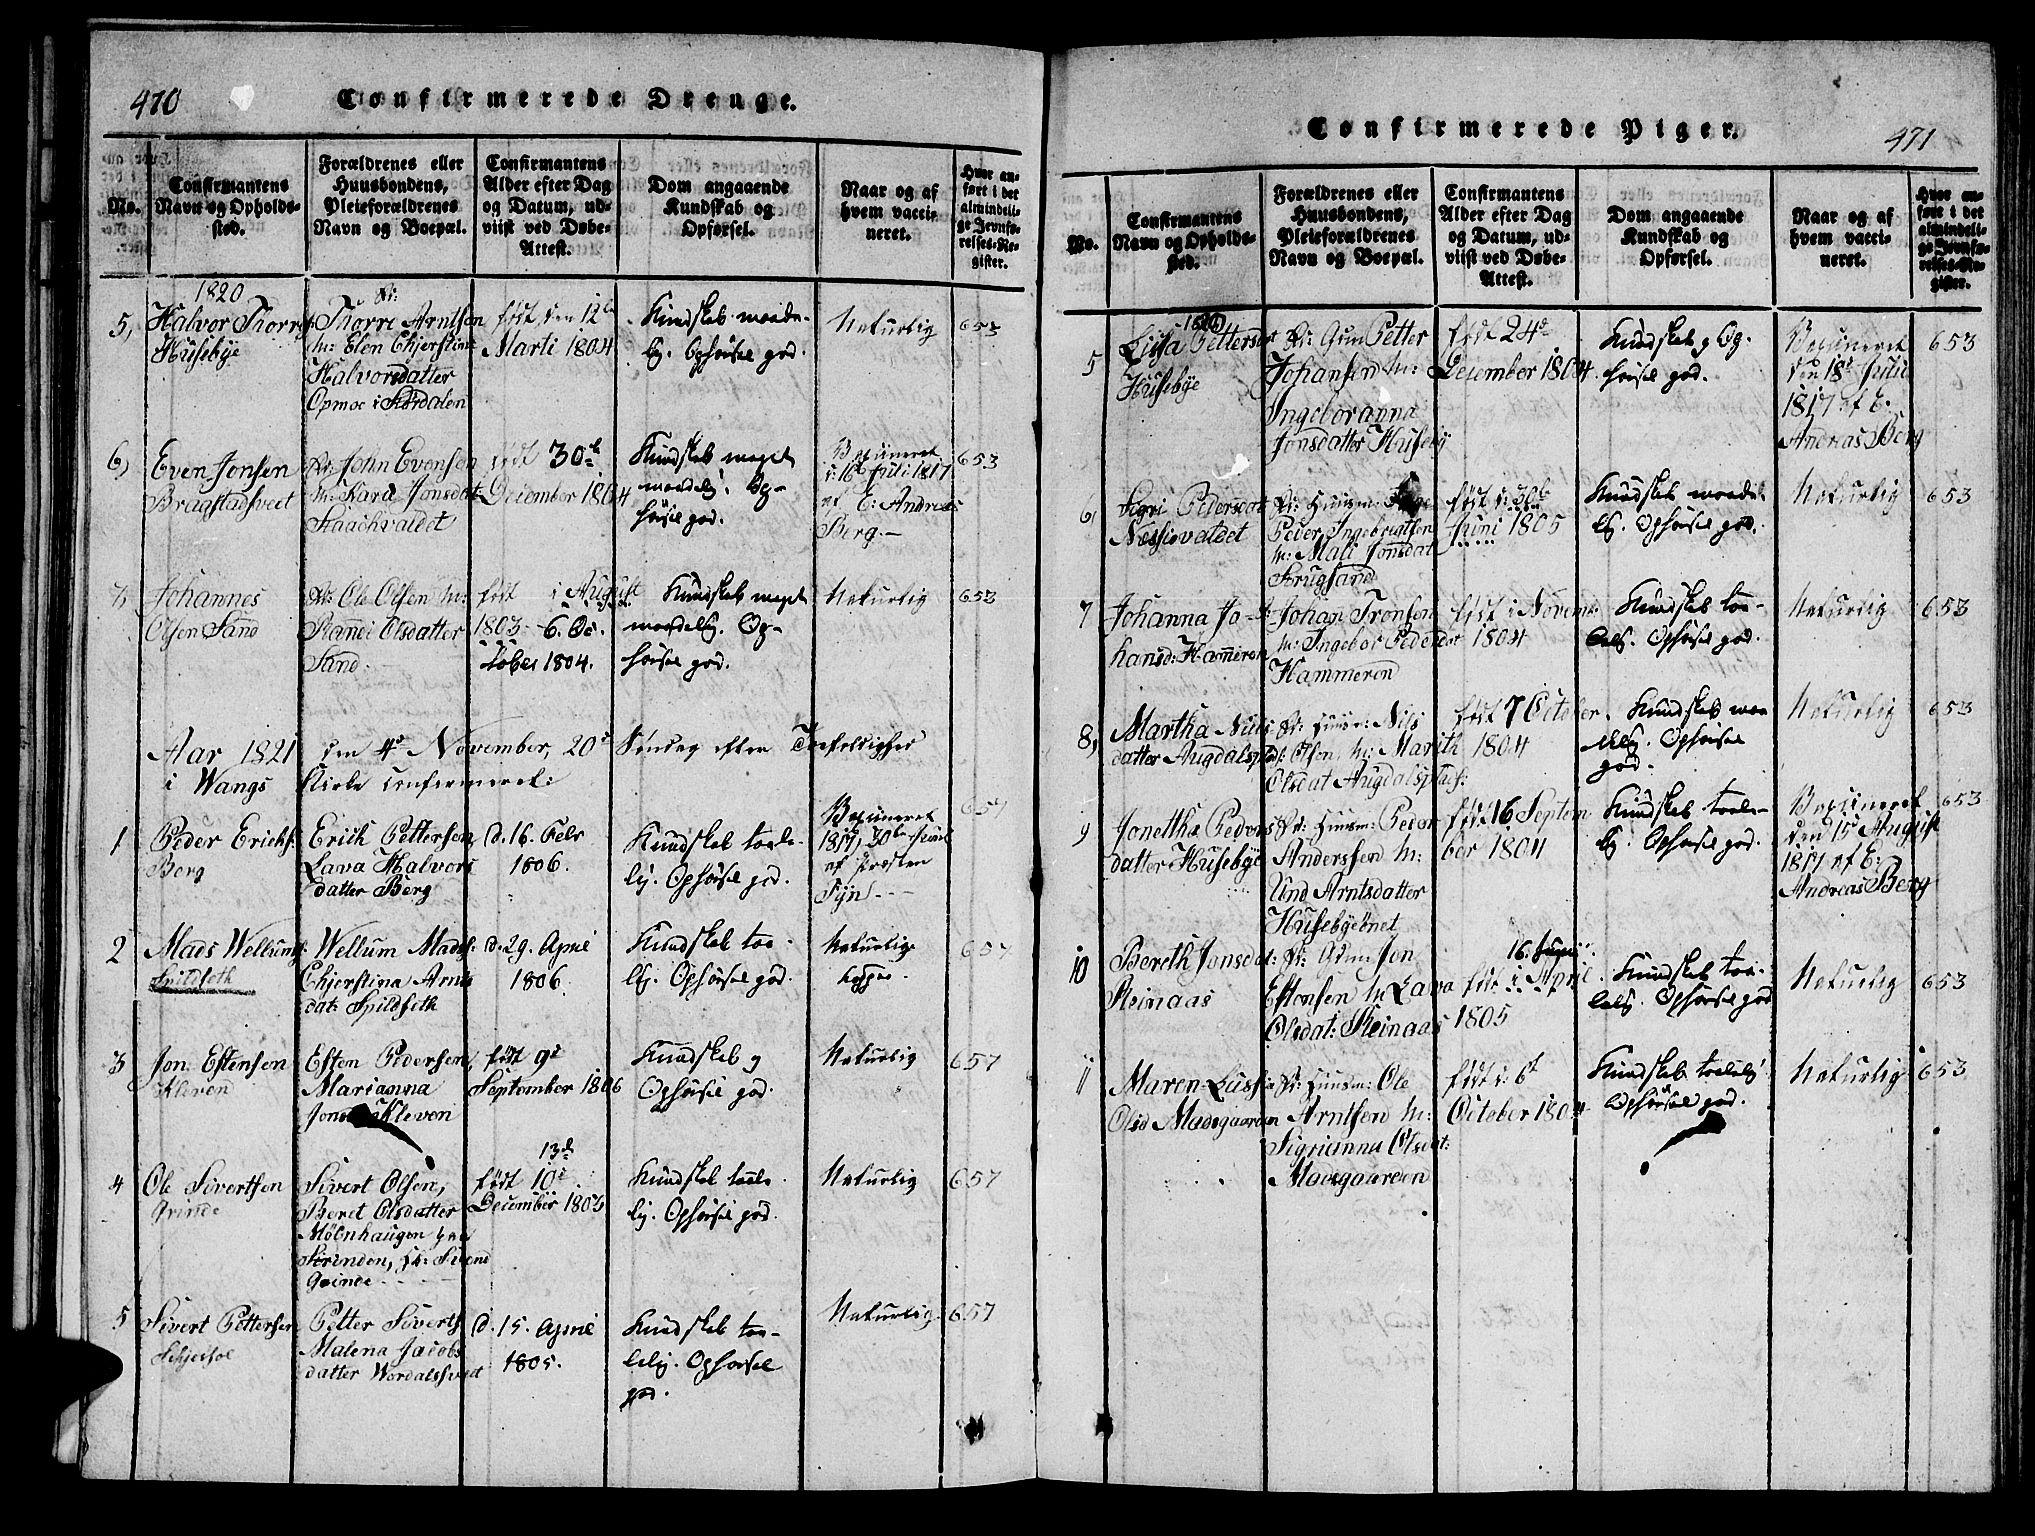 SAT, Ministerialprotokoller, klokkerbøker og fødselsregistre - Nord-Trøndelag, 714/L0132: Klokkerbok nr. 714C01, 1817-1824, s. 470-471